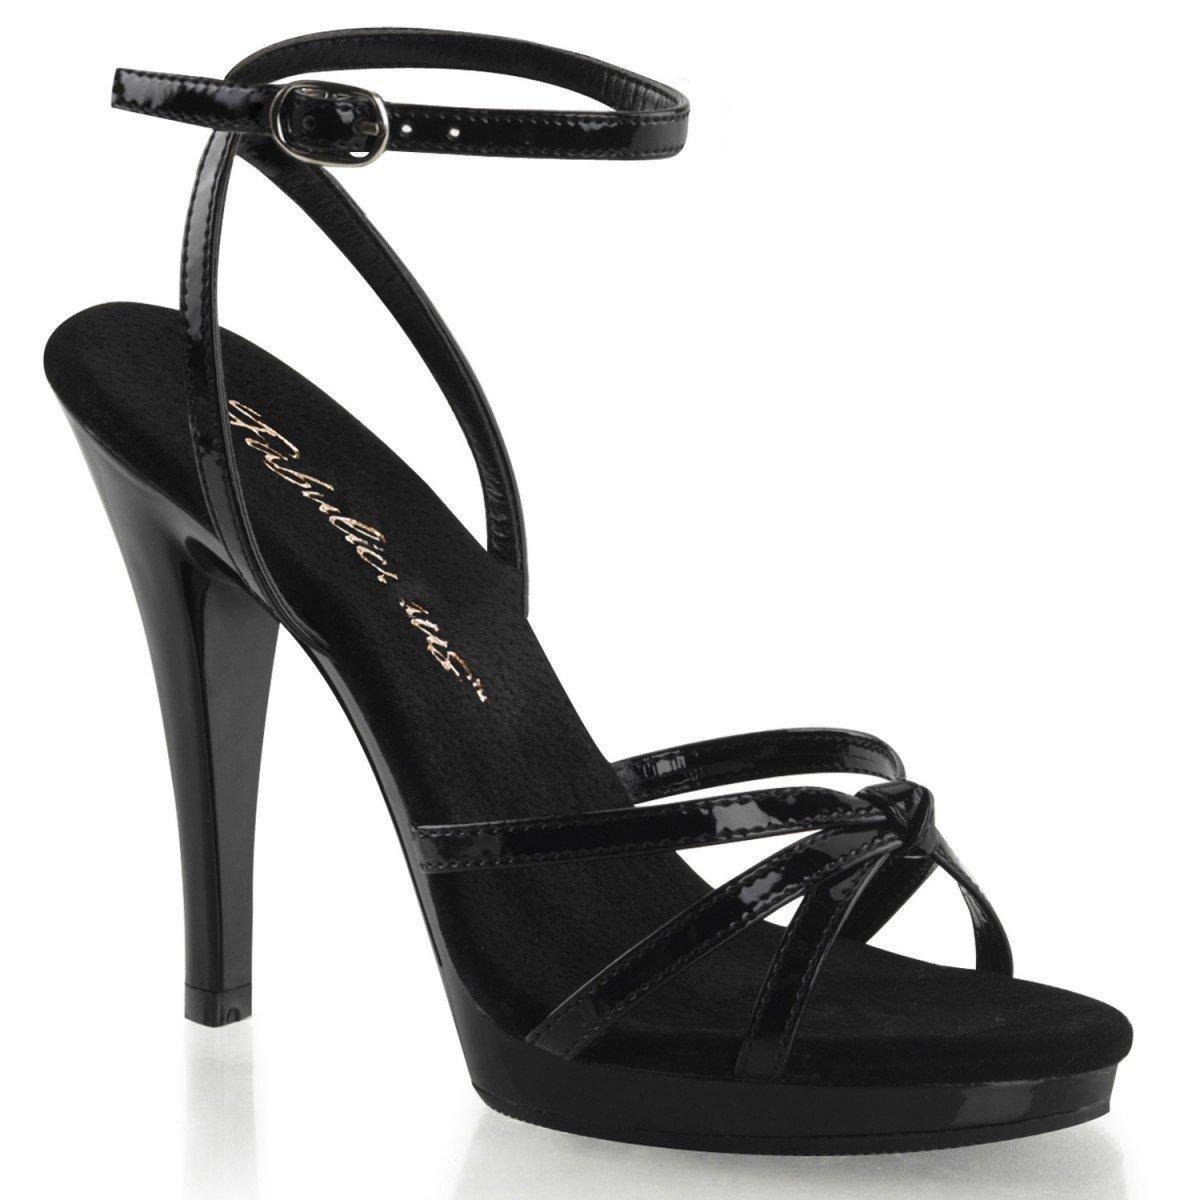 Fabulicious Fabulicious Fabulicious Flair-436 - sexy High Heels Mini-Plateau Sandaletten 35-48 abac22